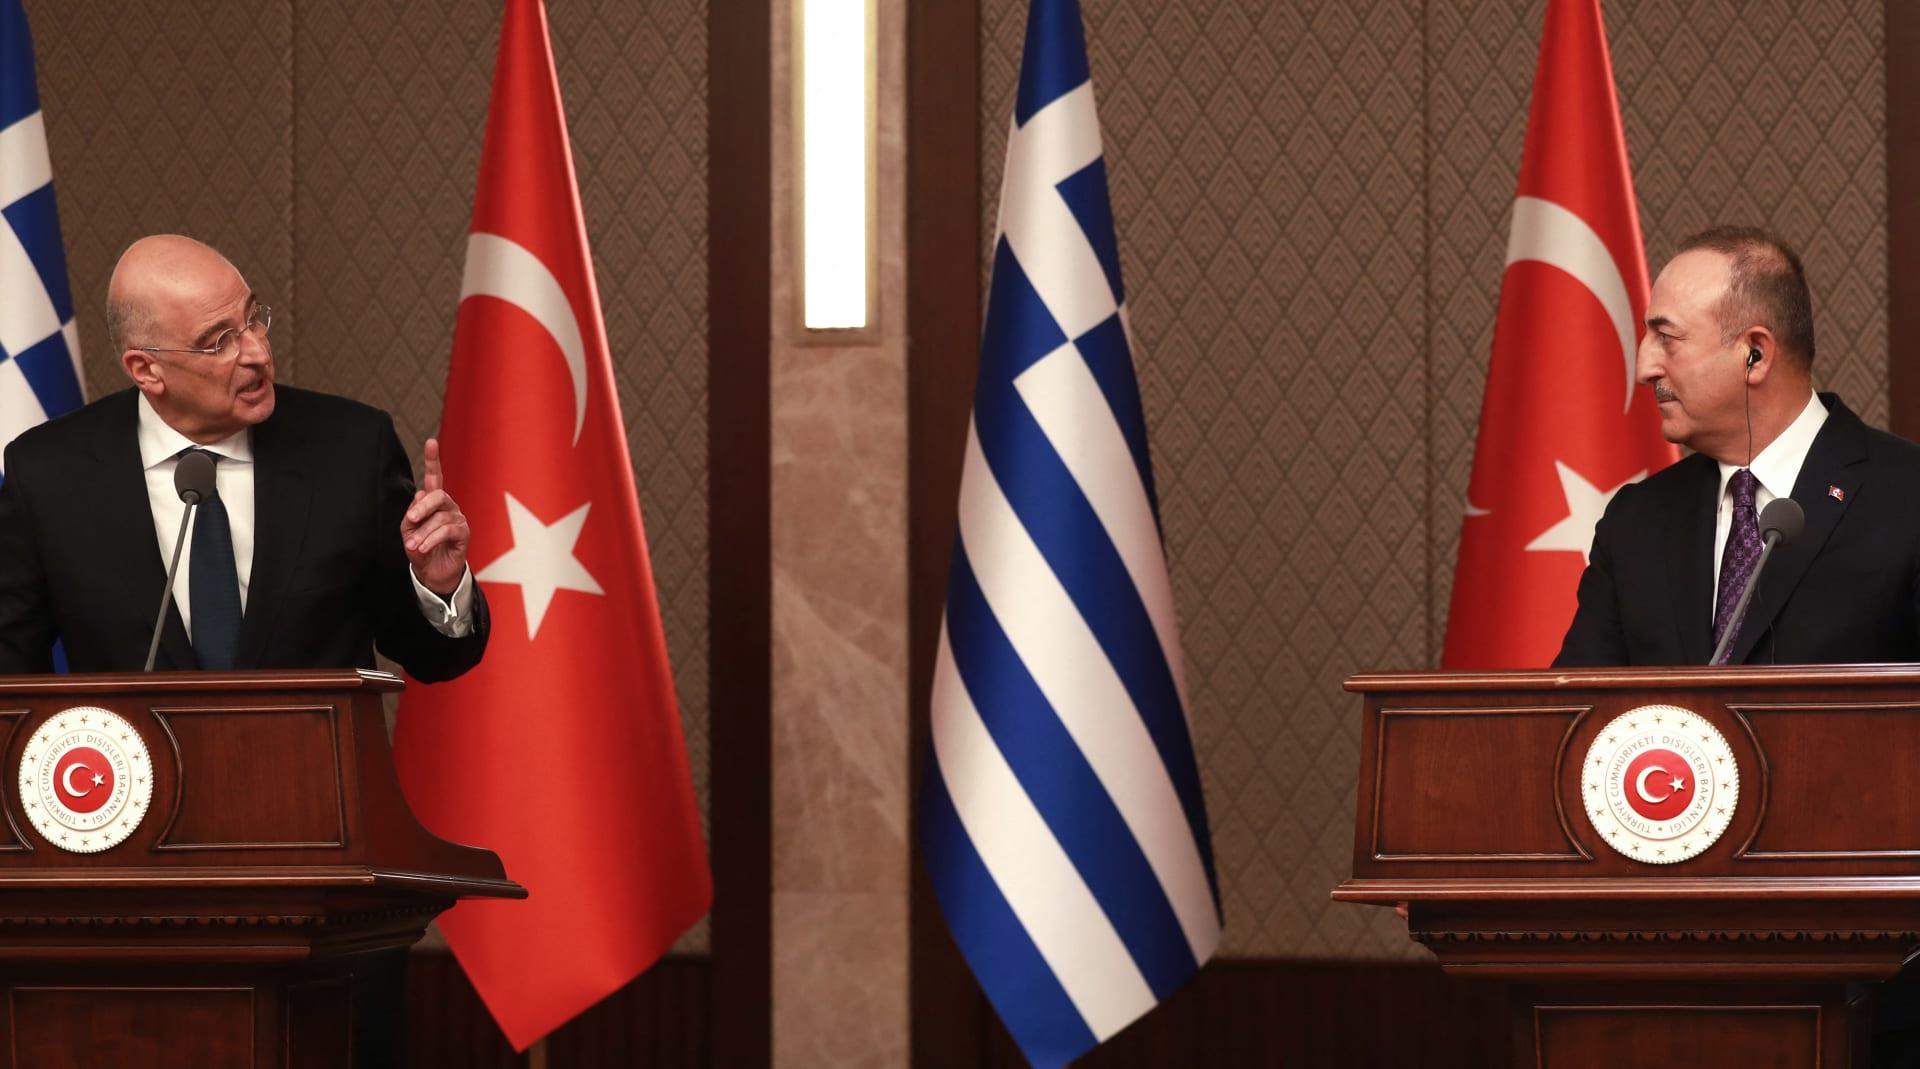 """""""أتيت إلى هنا لتهاجم بلدي"""".. اشتباك كلامي بين وزيري خارجية تركيا واليونان في مؤتمر بأنقرة"""